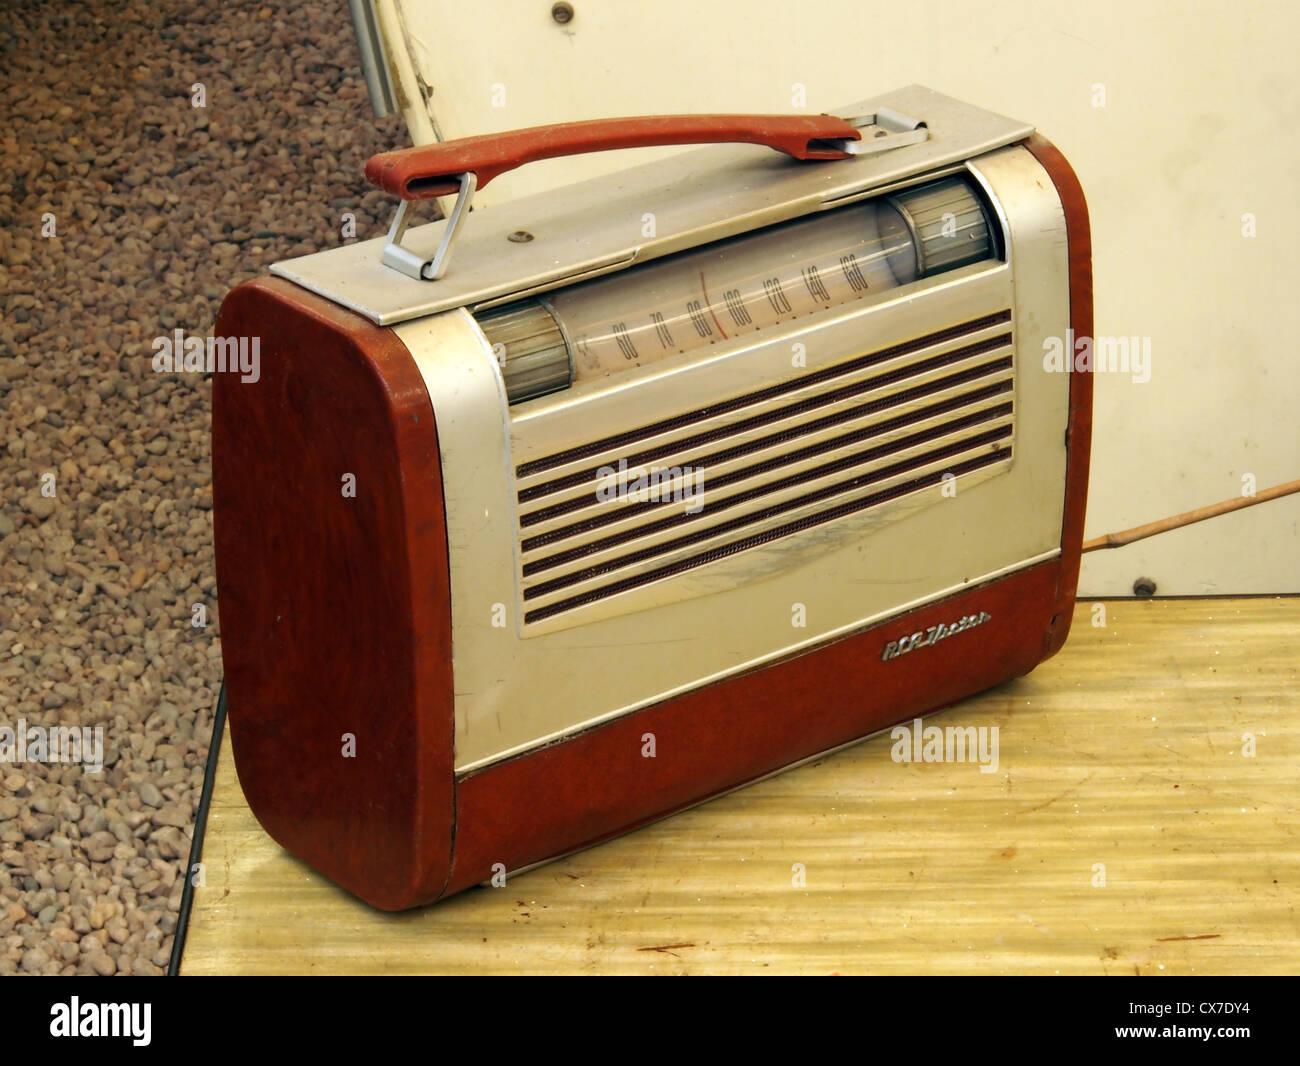 Rca Radio Stock Photos & Rca Radio Stock Images - Alamy